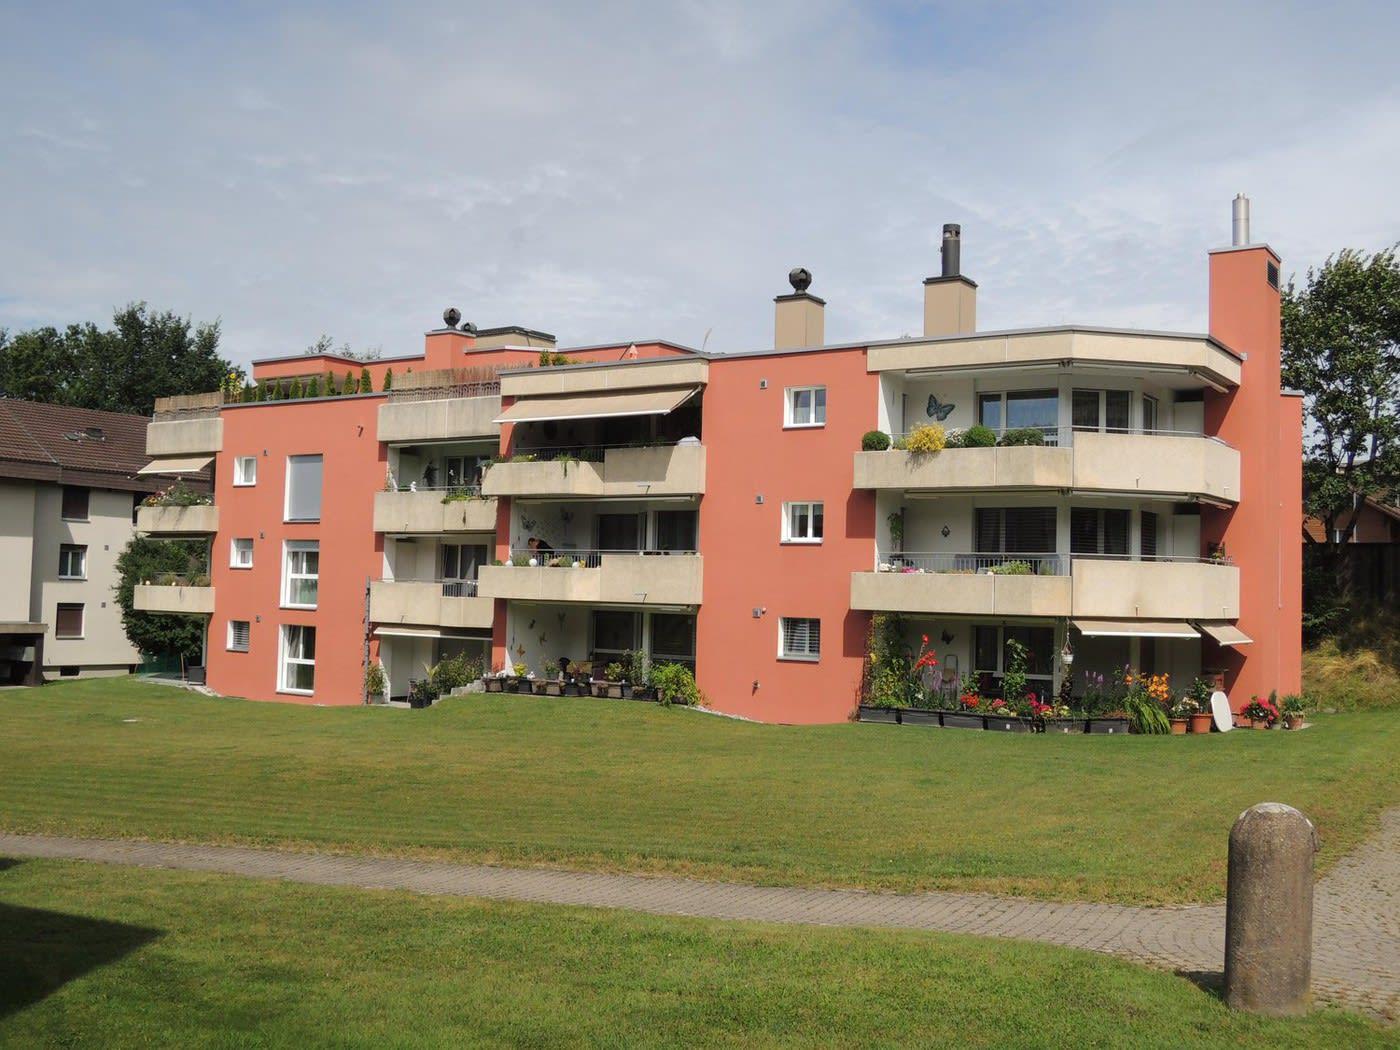 Feldeggstrasse 59